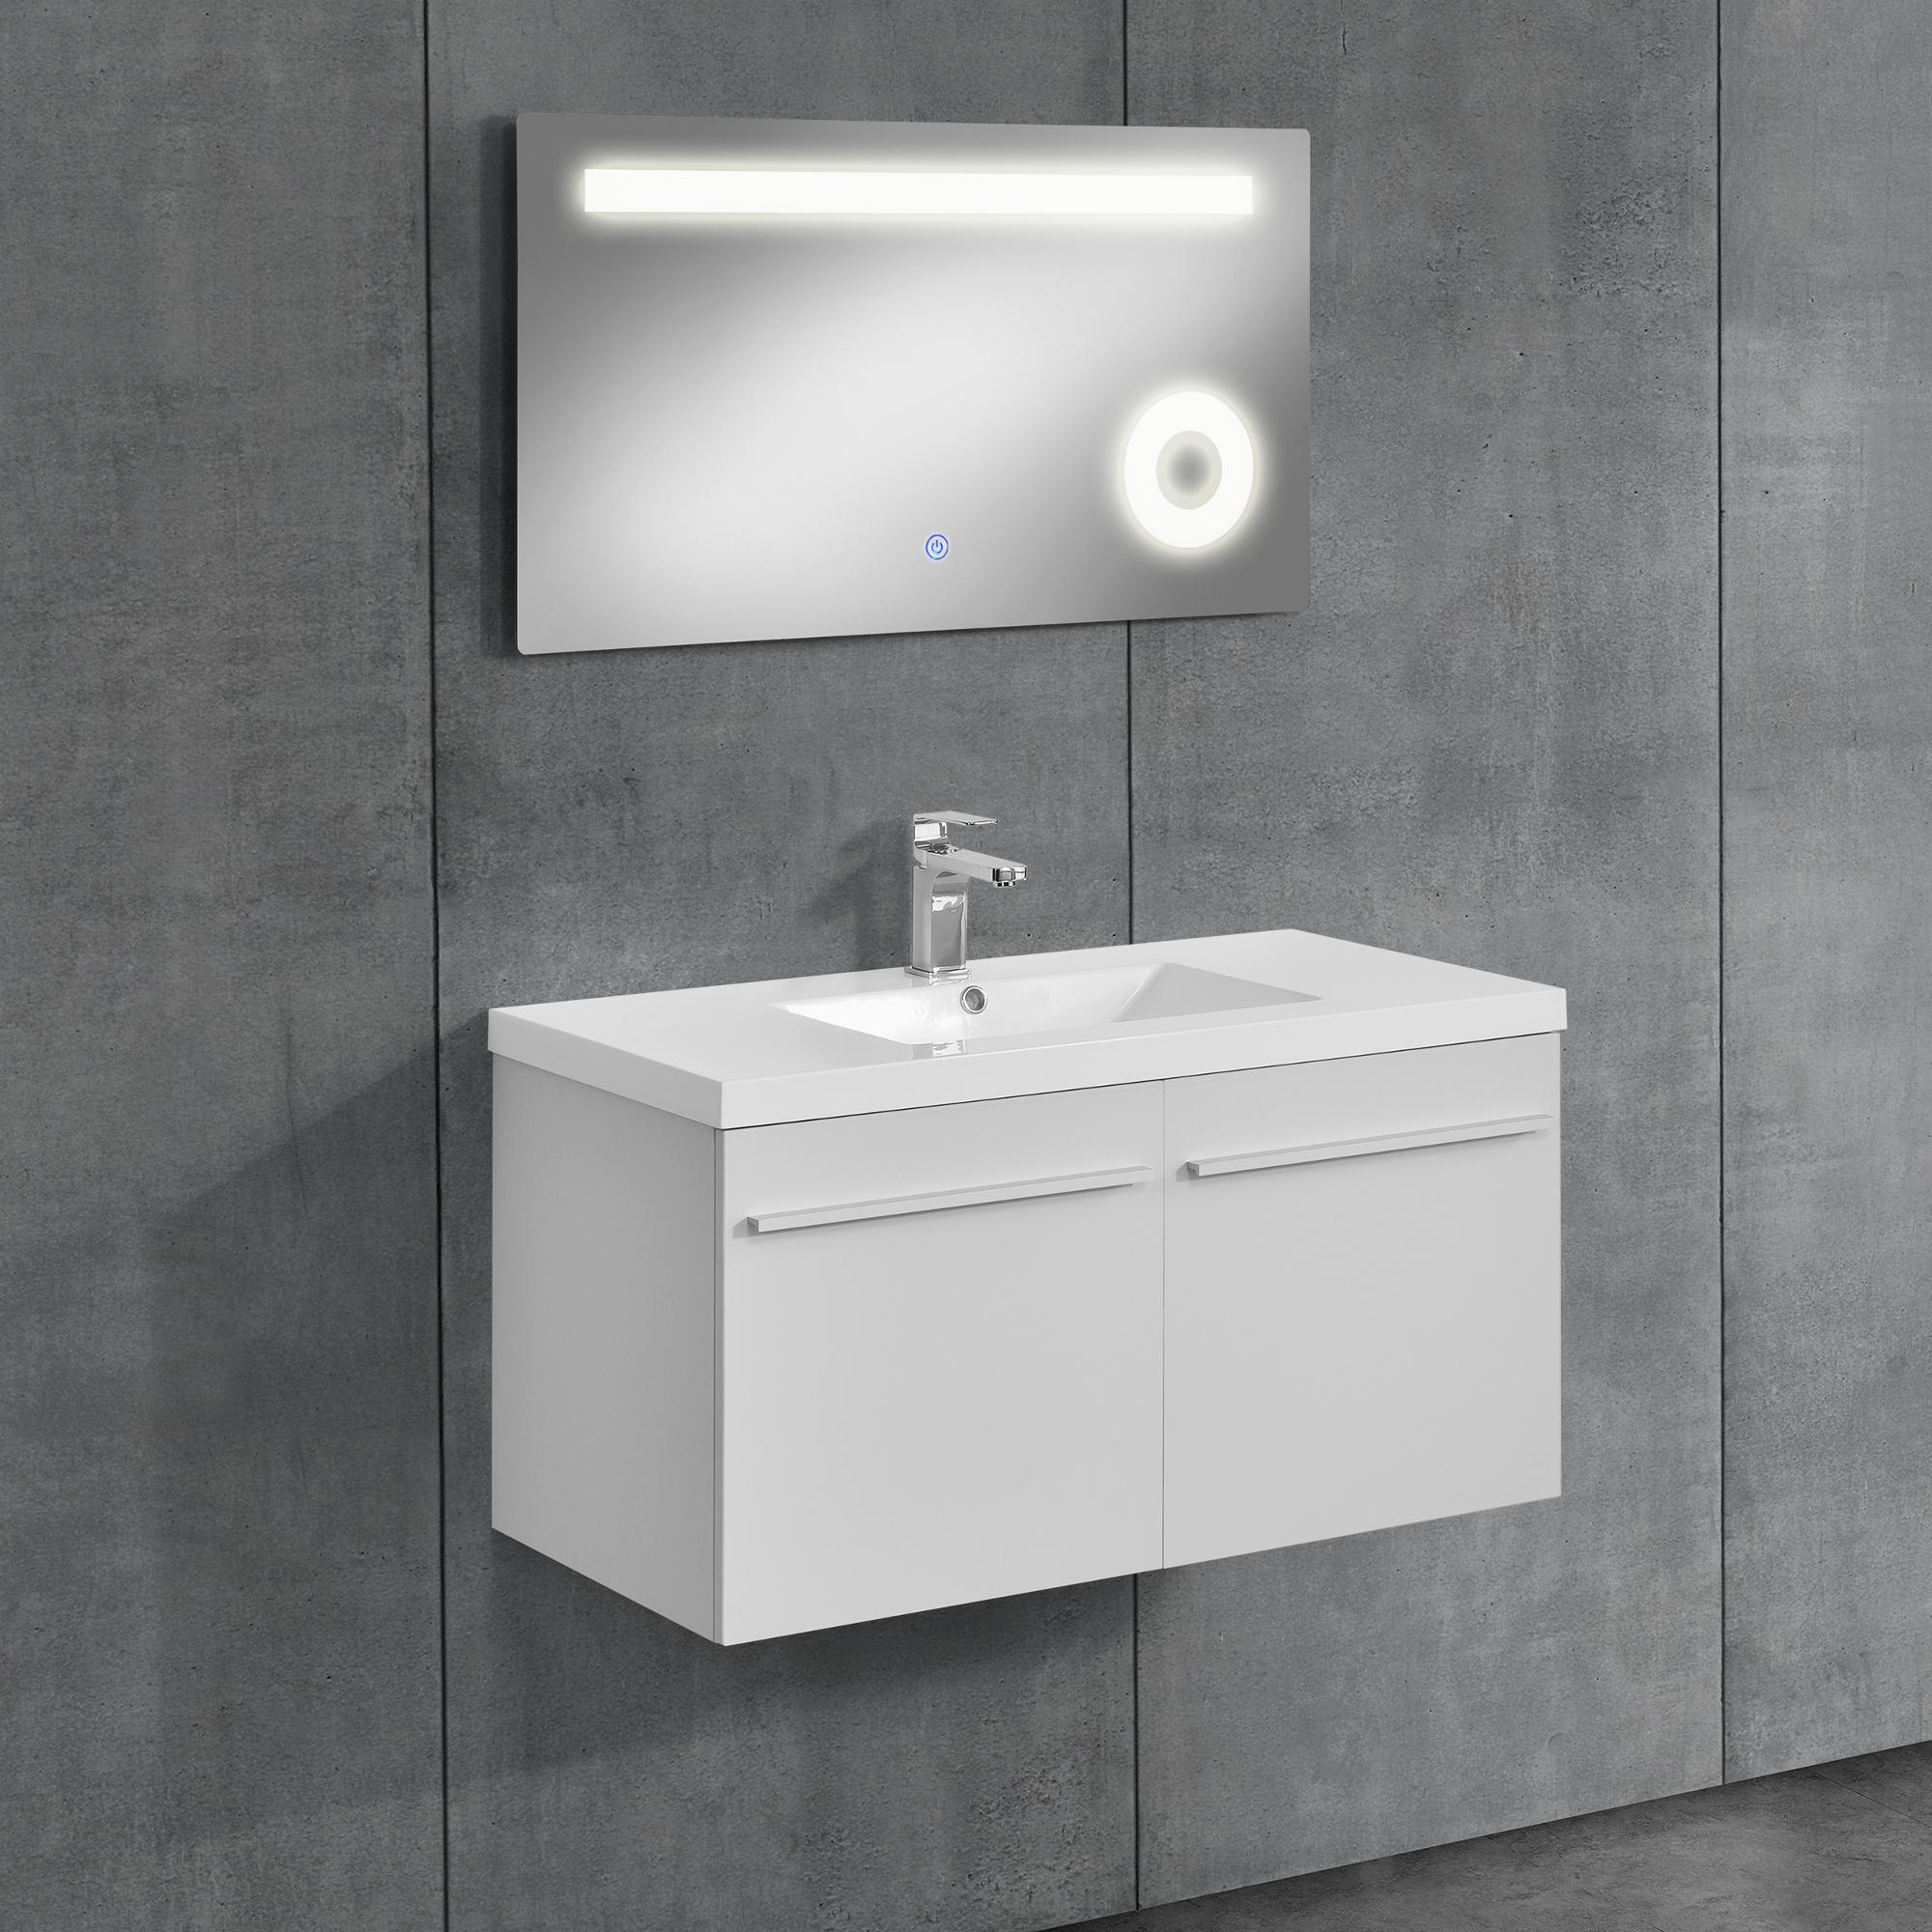 Badezimmerschrank unterschrank waschtisch badm bel wei 50x90x46cm ebay - Badezimmerschrank mit waschbecken ...